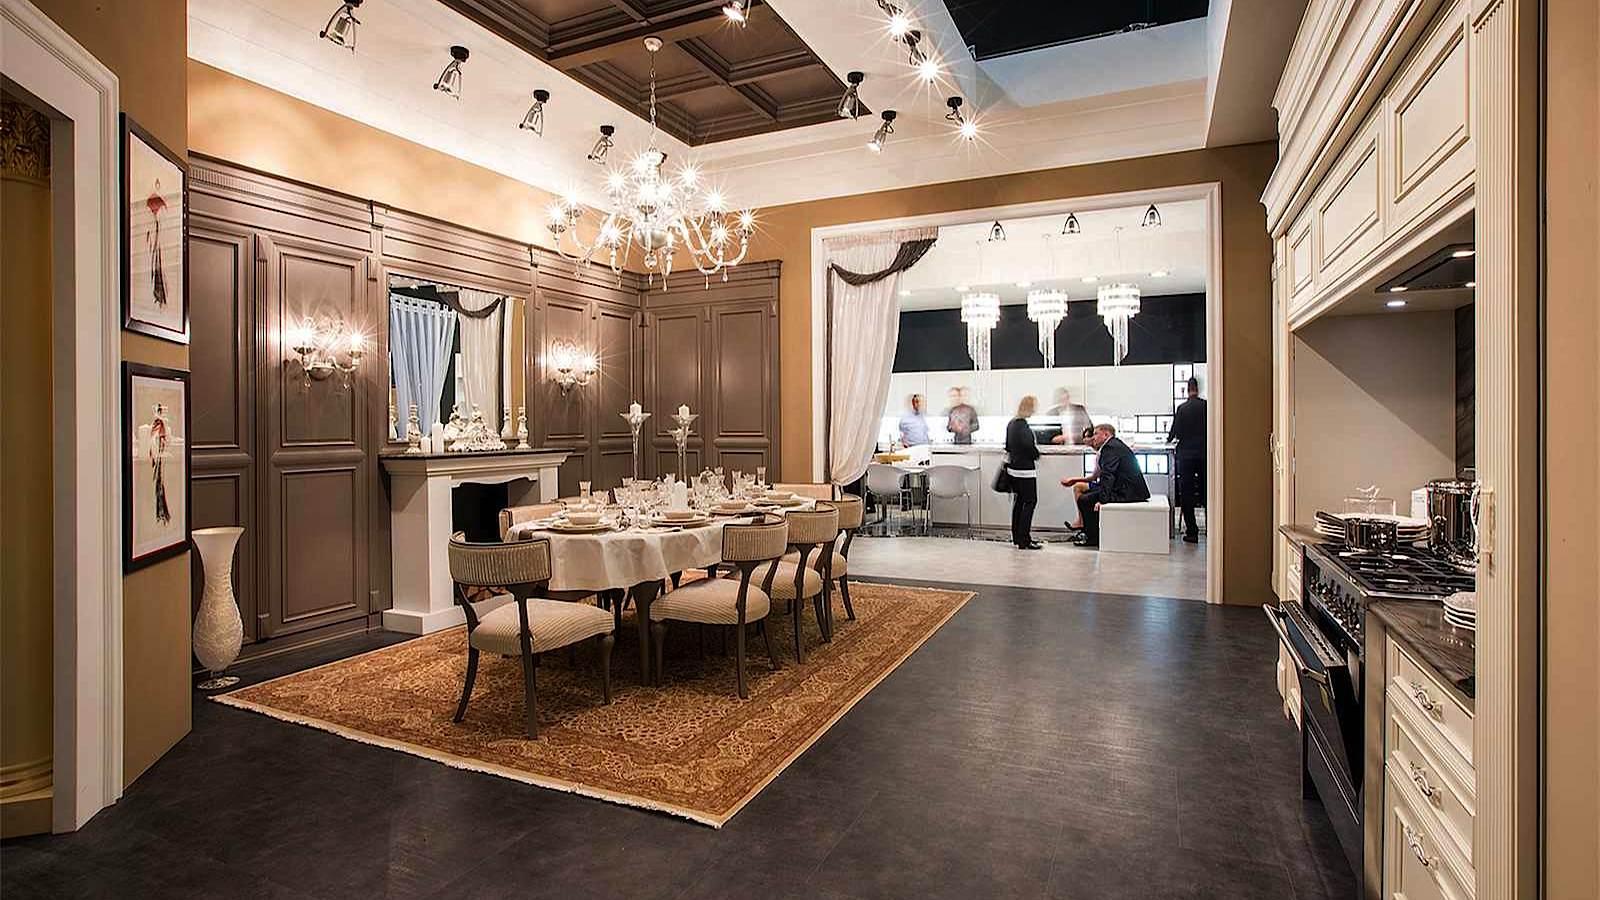 Verona mobili salone del mobile 2014 milano bottega for Fiera arredamento verona